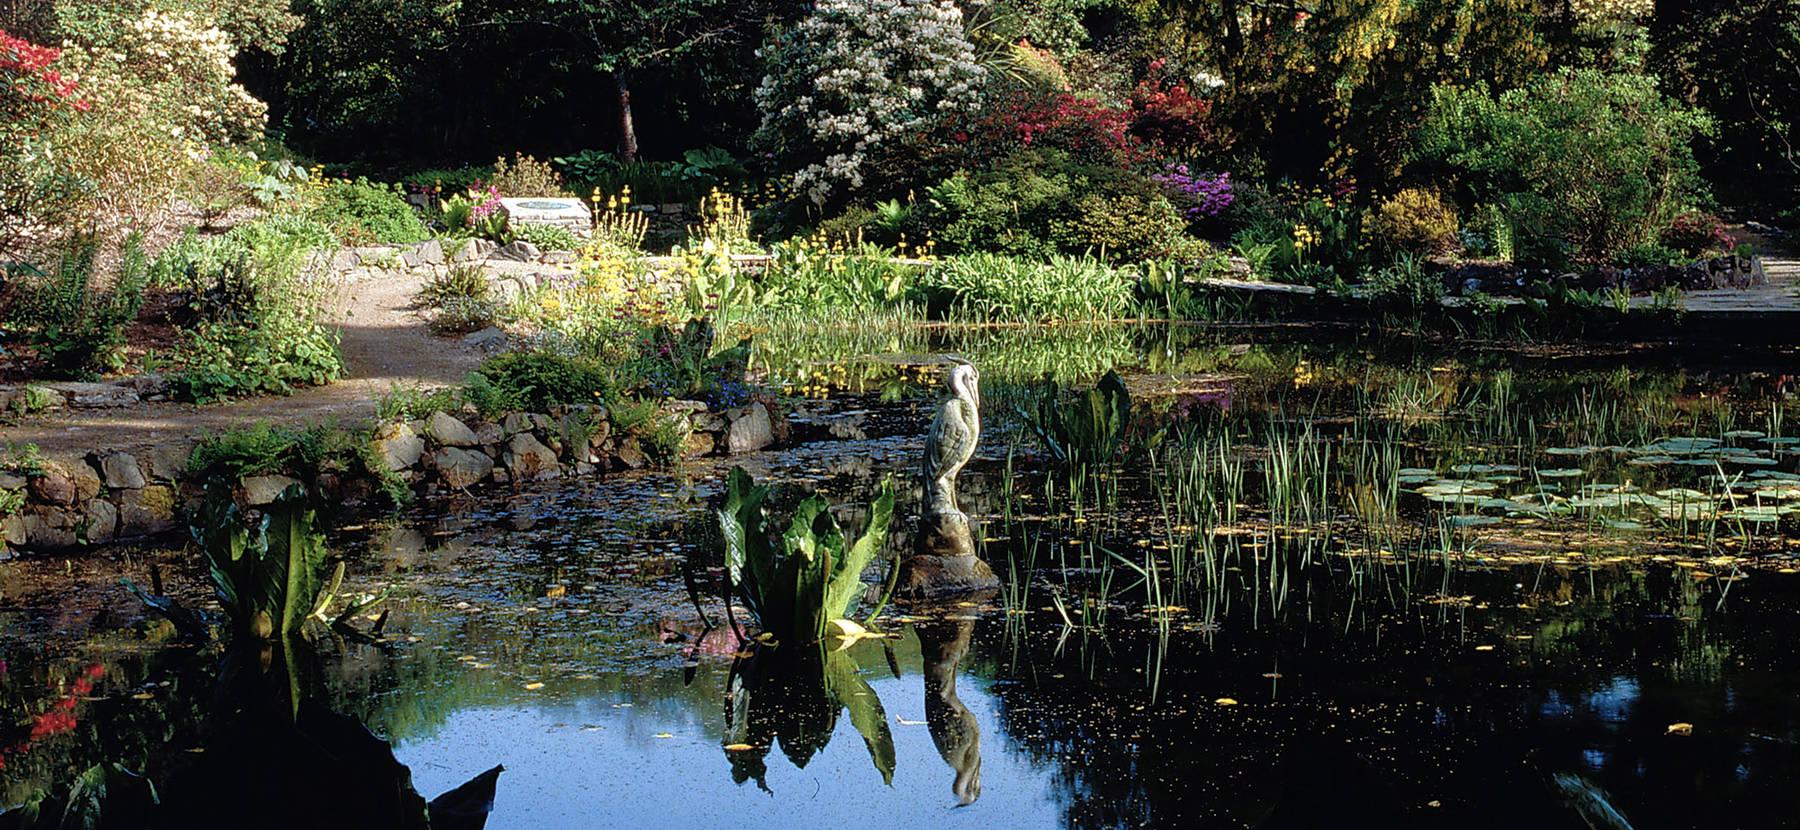 Arduanie Garden